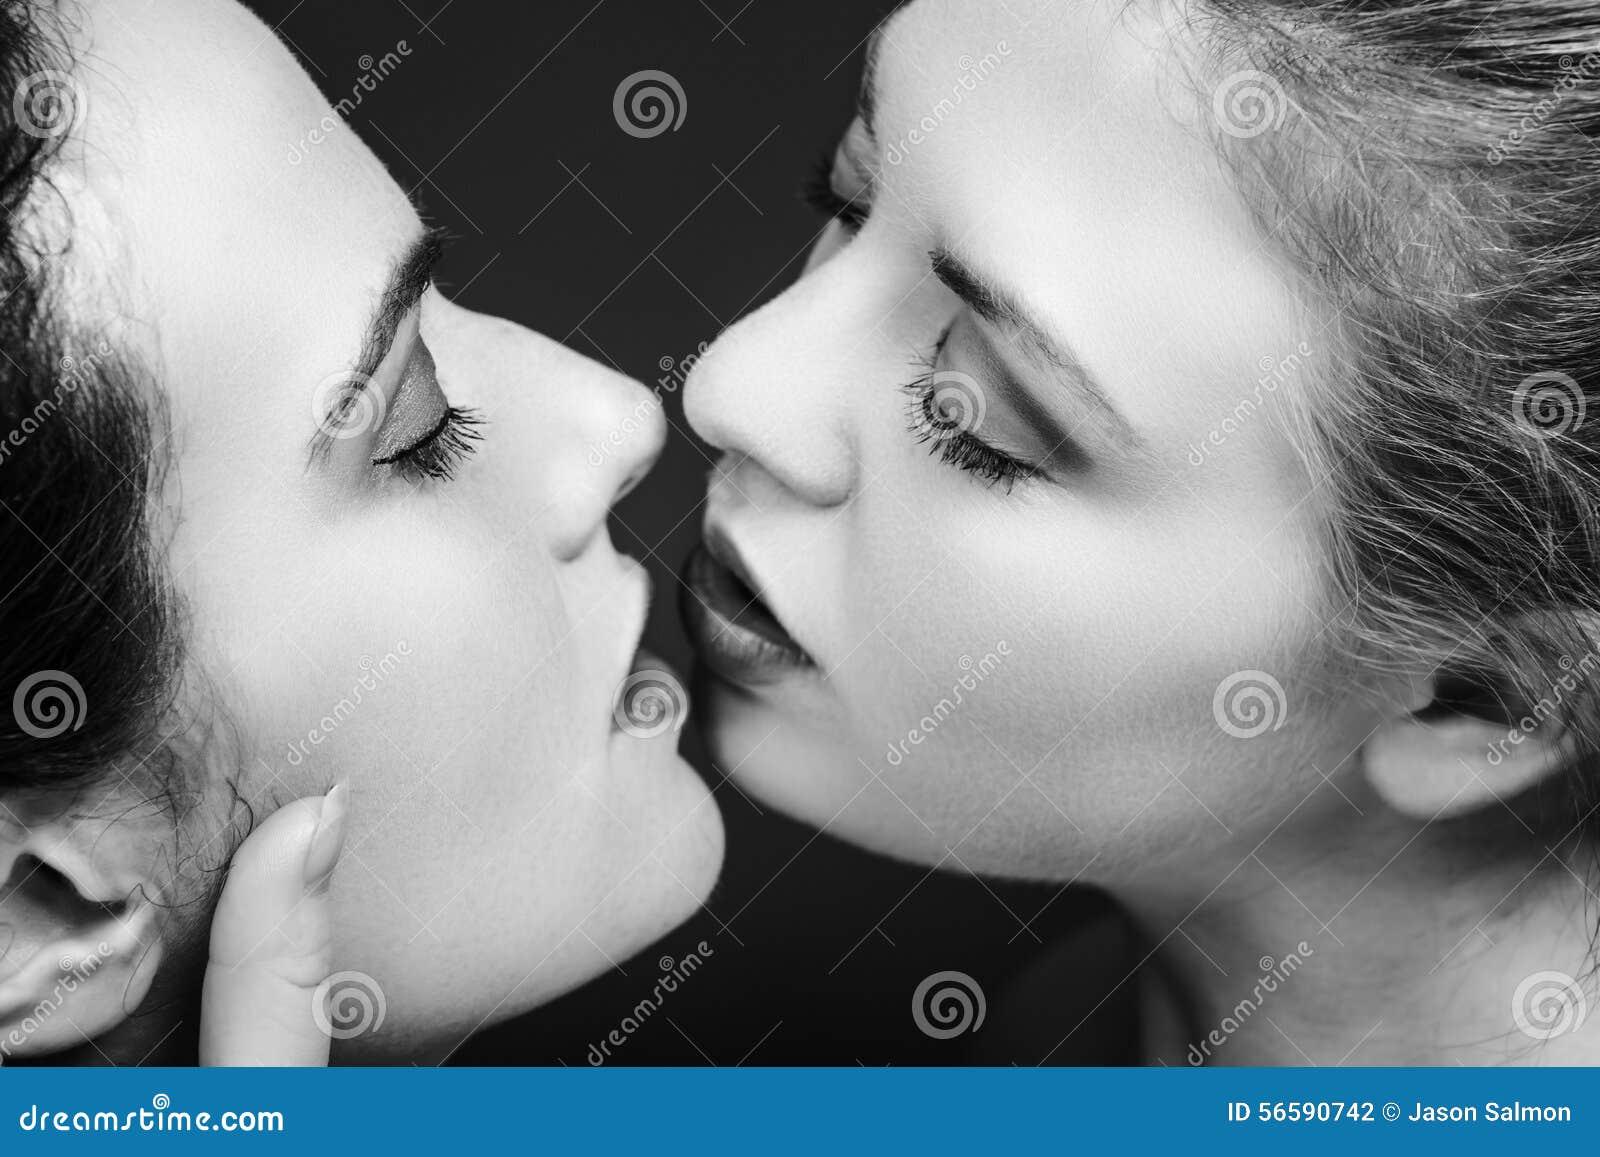 noir et blanc lesbiennes baiser gratuit jeune adolescent sexe films